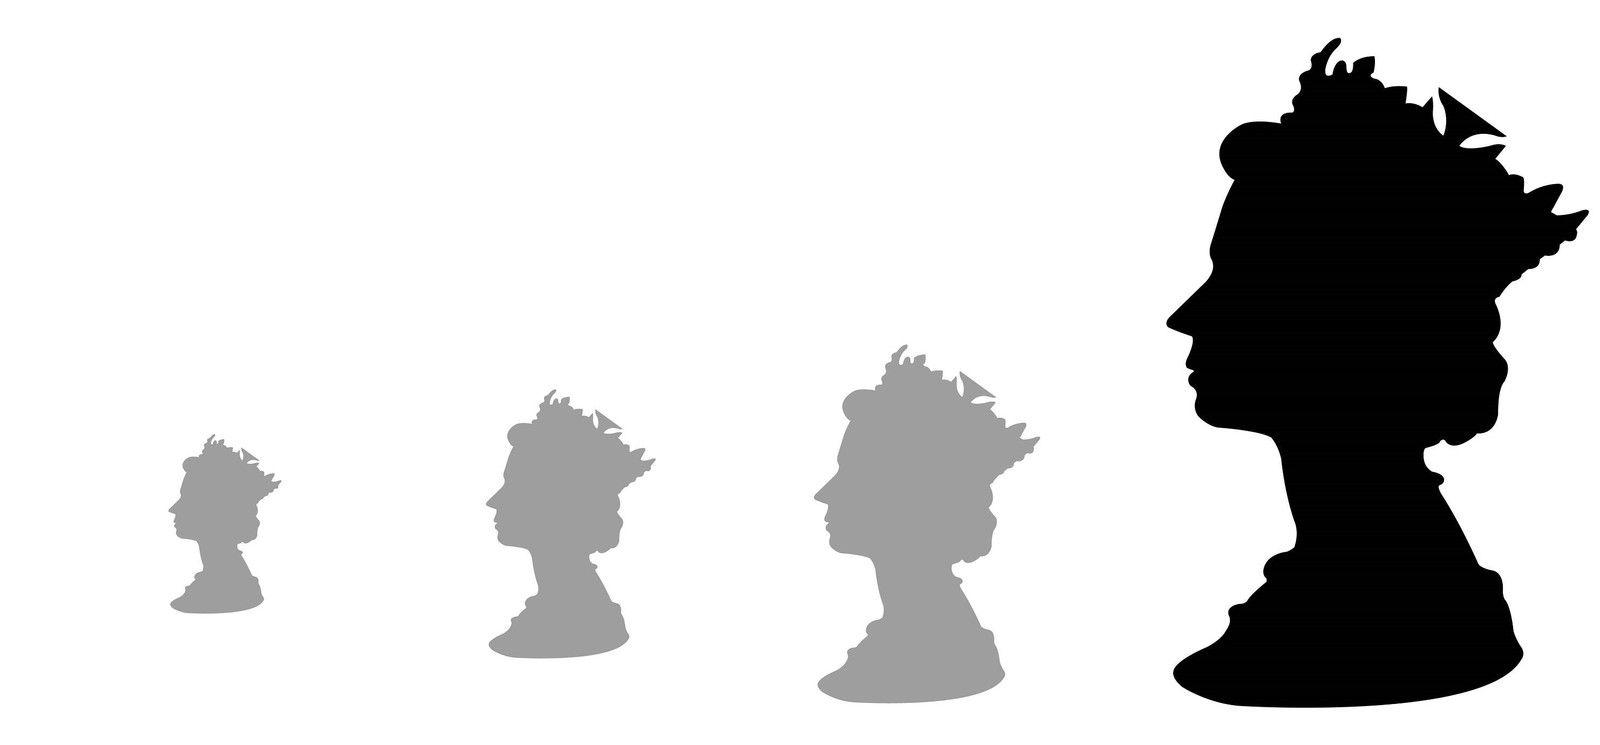 Les portraits silhouettes